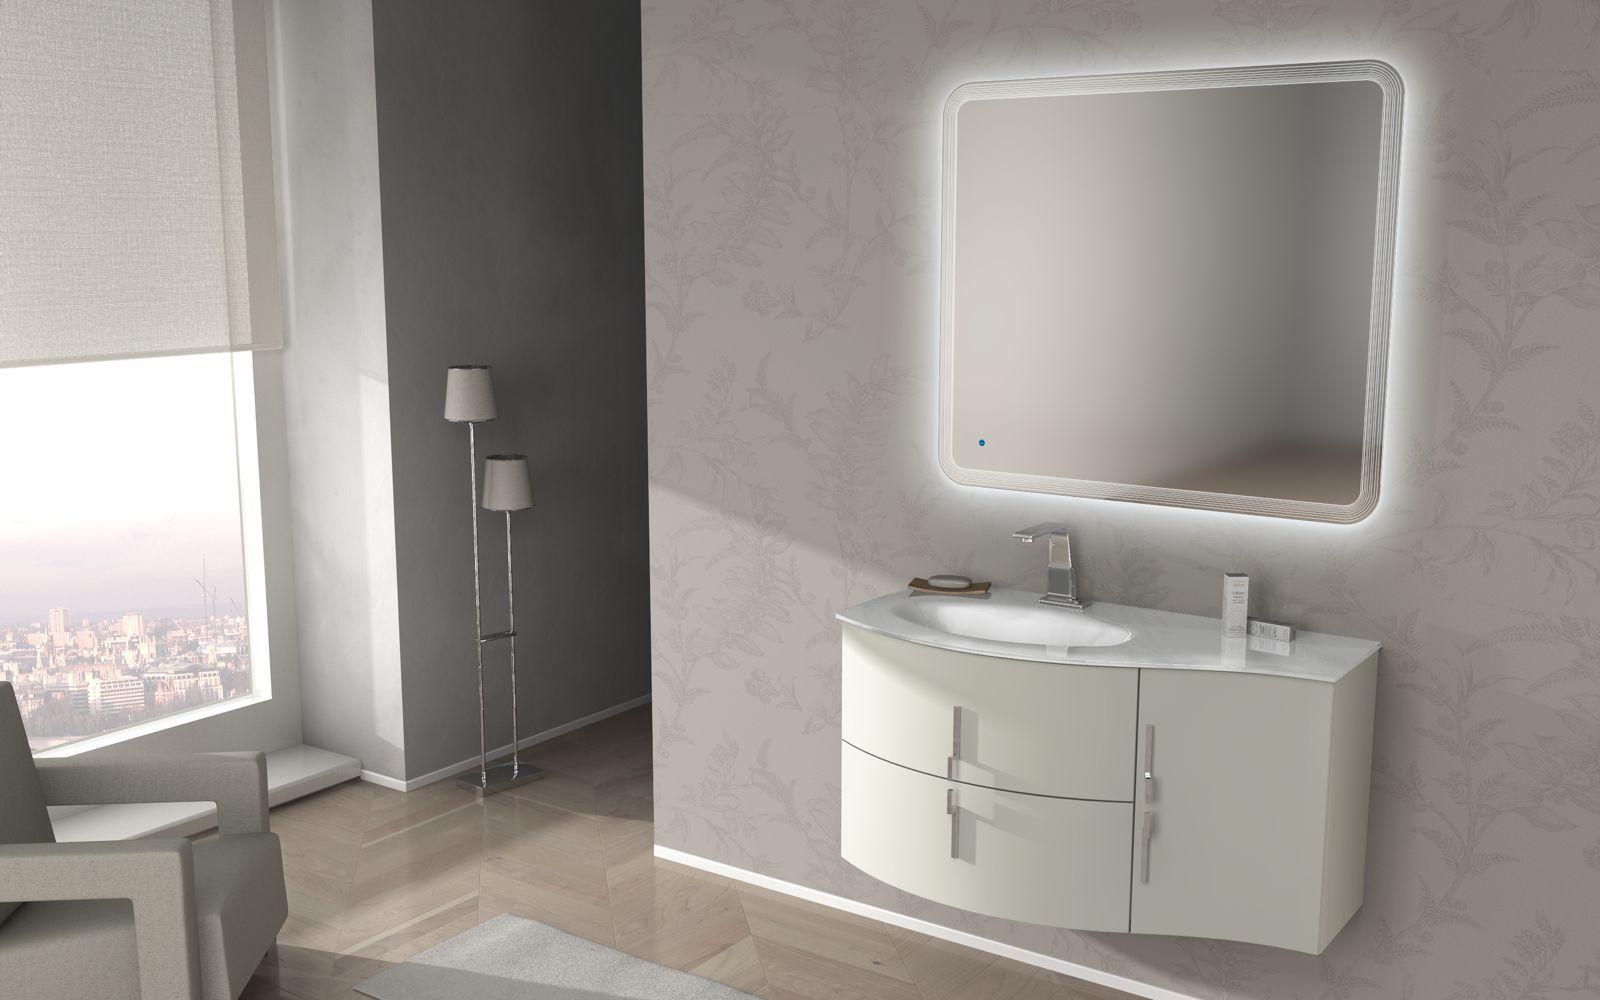 Armadietti Da Bagno Italia : Bagno italia mobile da bagno moderno saturno con